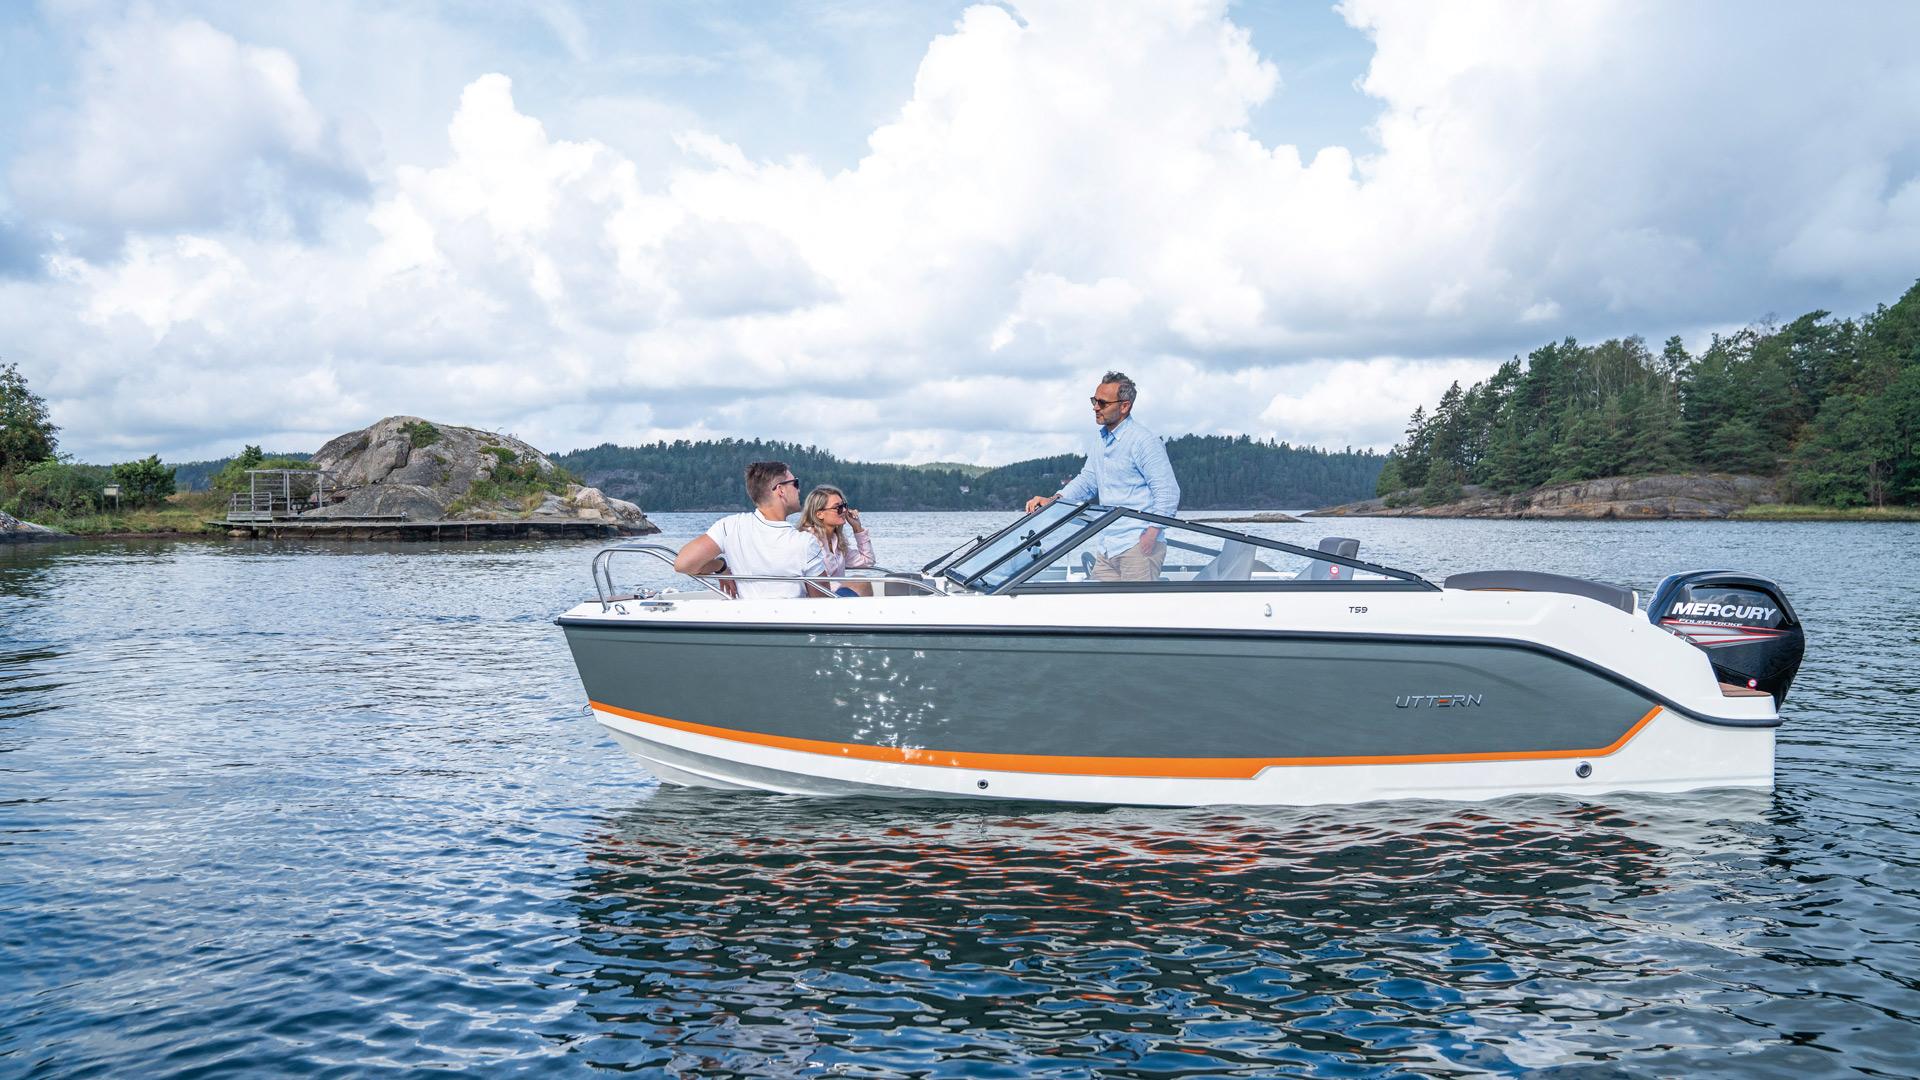 Uttern-T59-er-en-bowrider-som-gir-deg-mye-båt-for-pengene_5_1920x1080-1